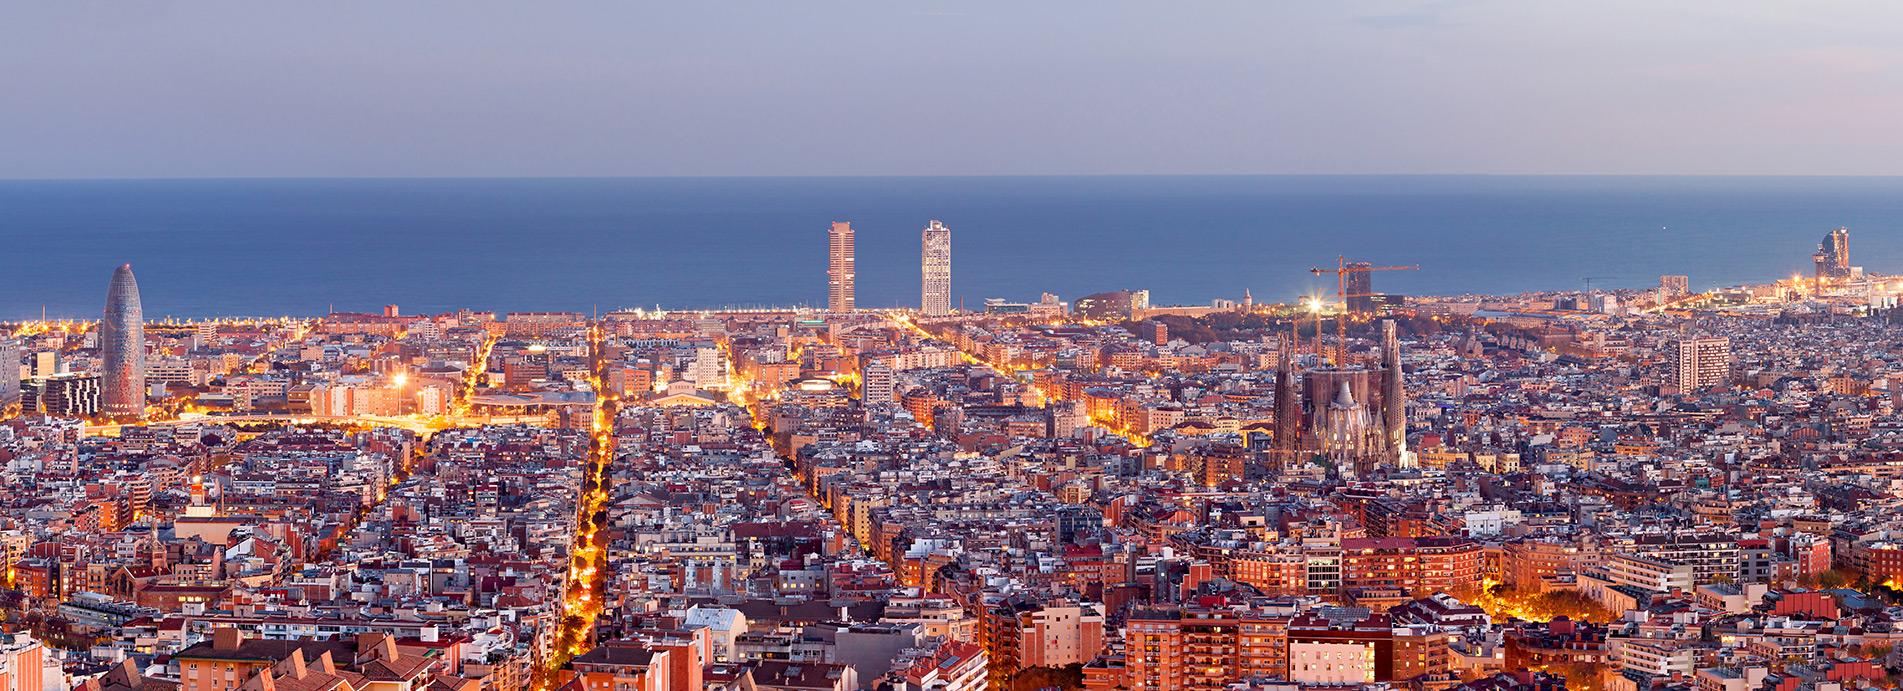 Barcelona - Ansicht von oben